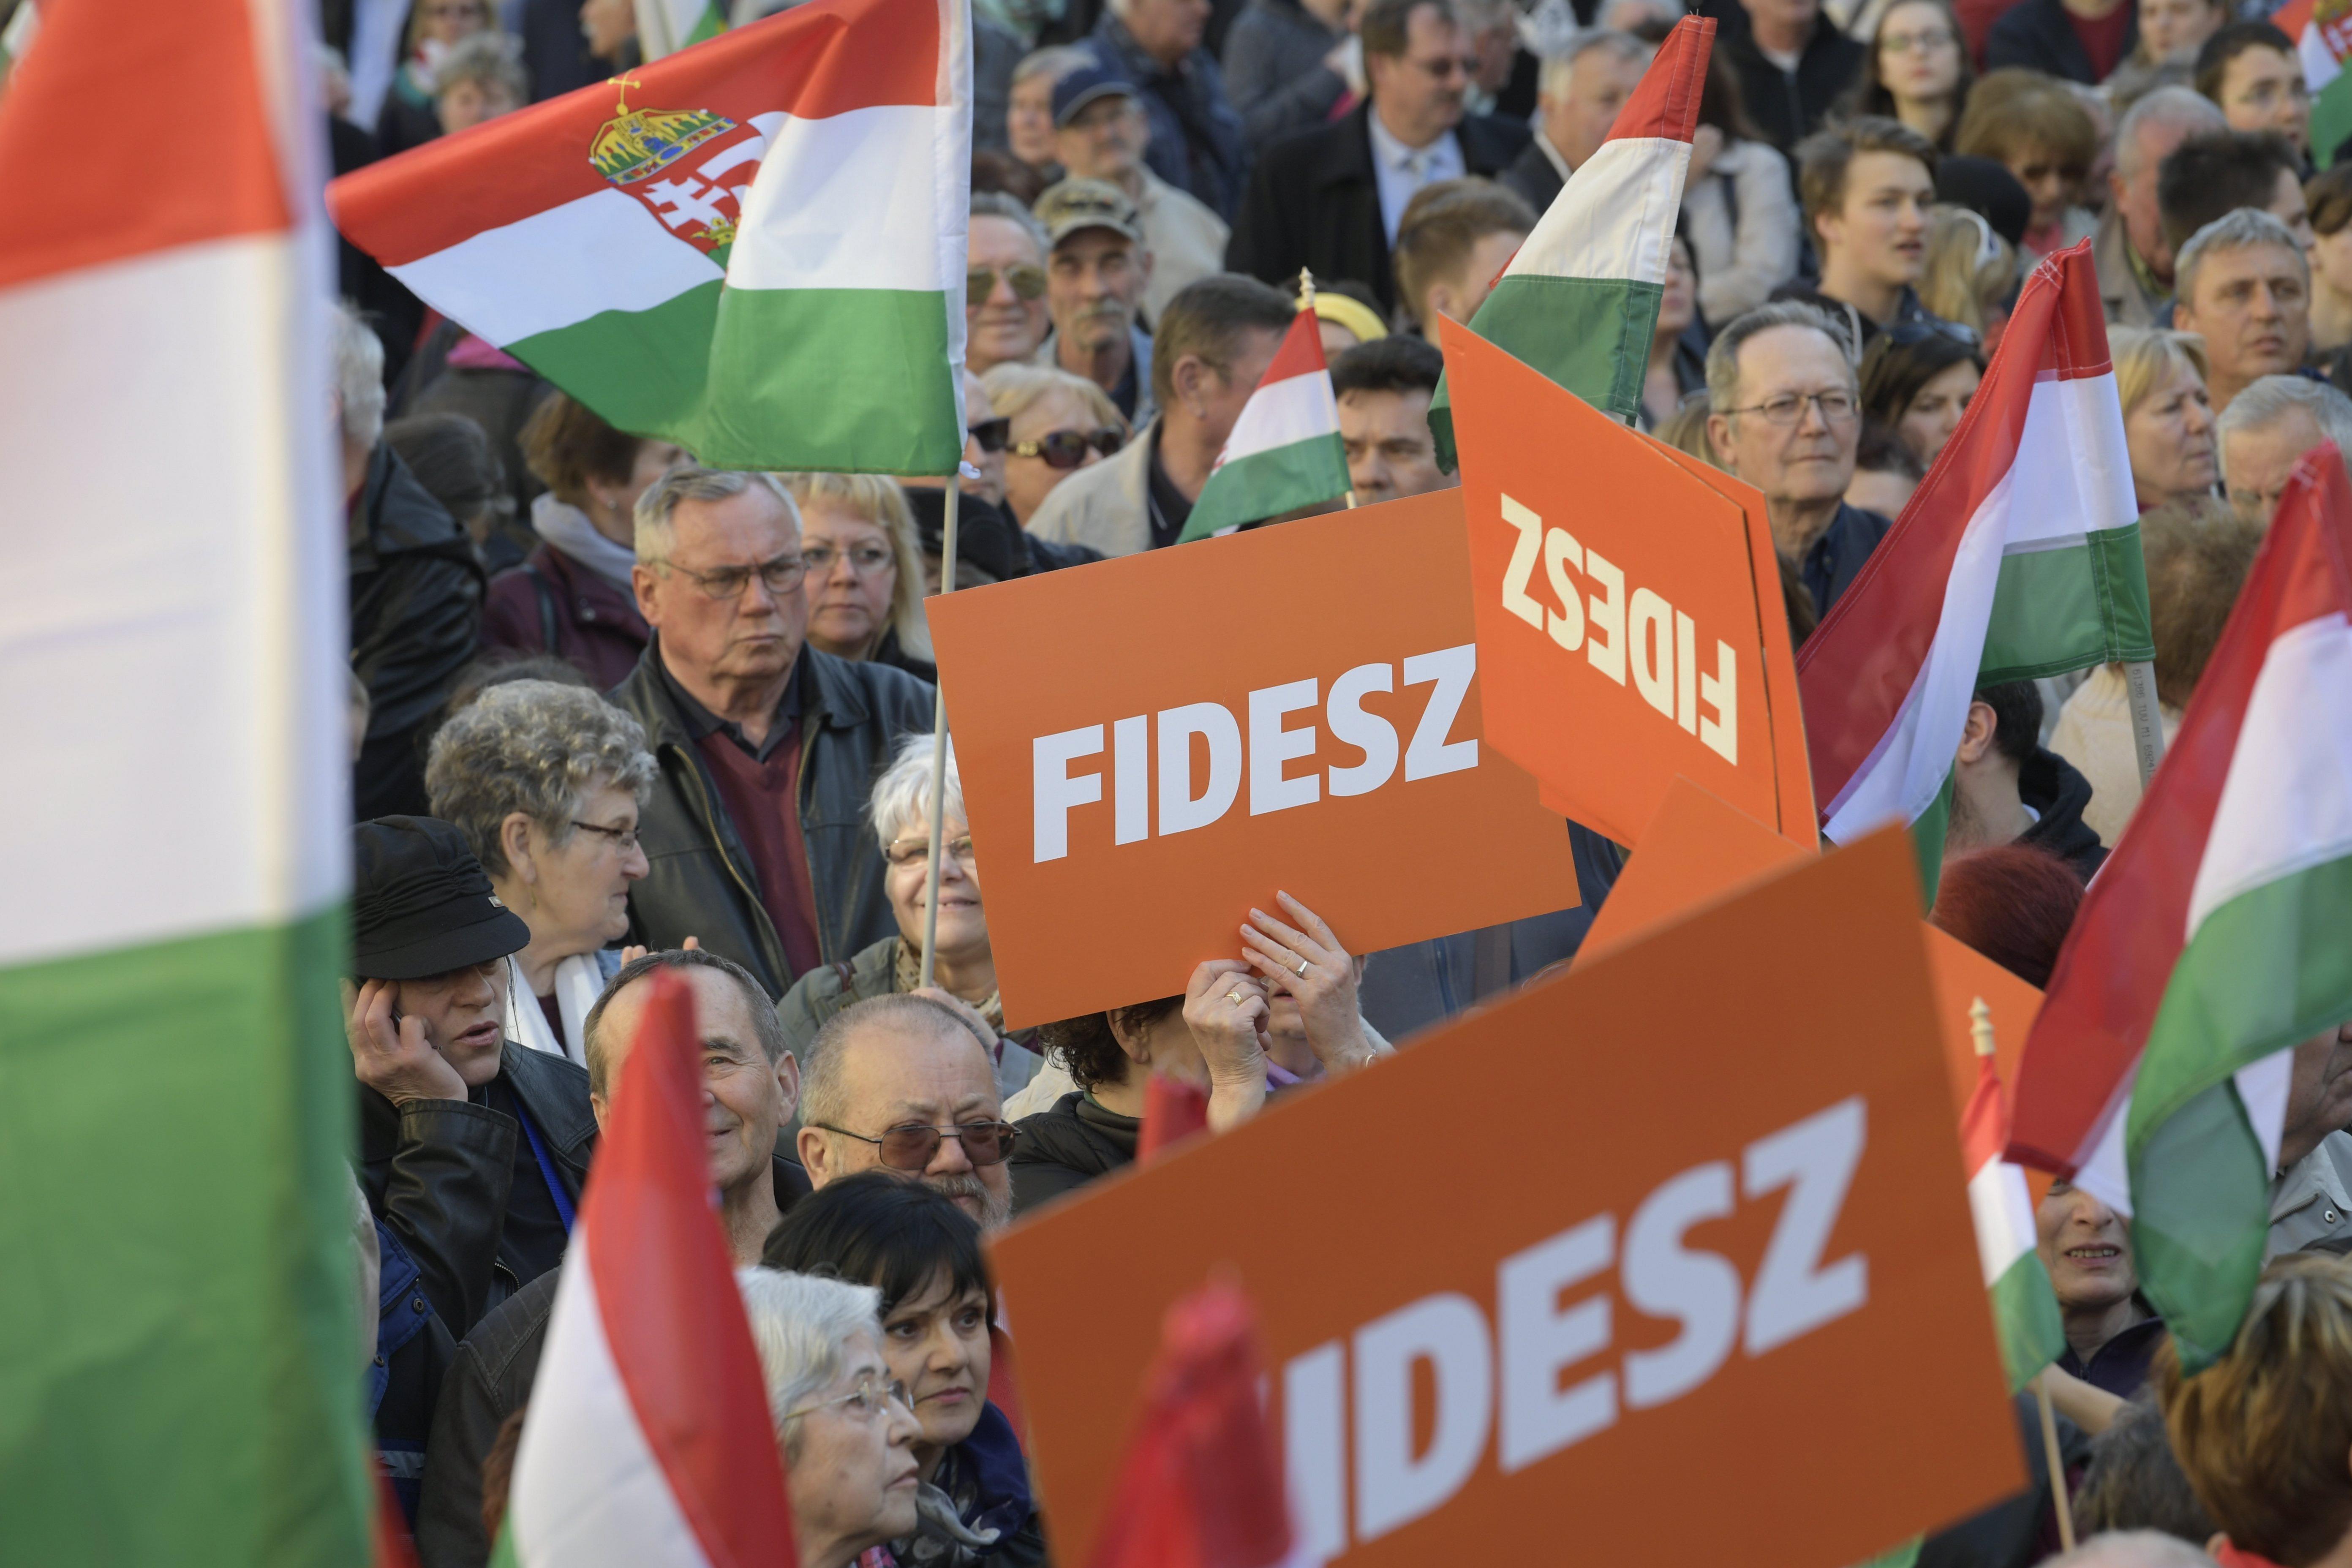 Miközben a kormány milliárdokat költött propagandára, a Fidesznek 870 millióból kijött az egész kampány